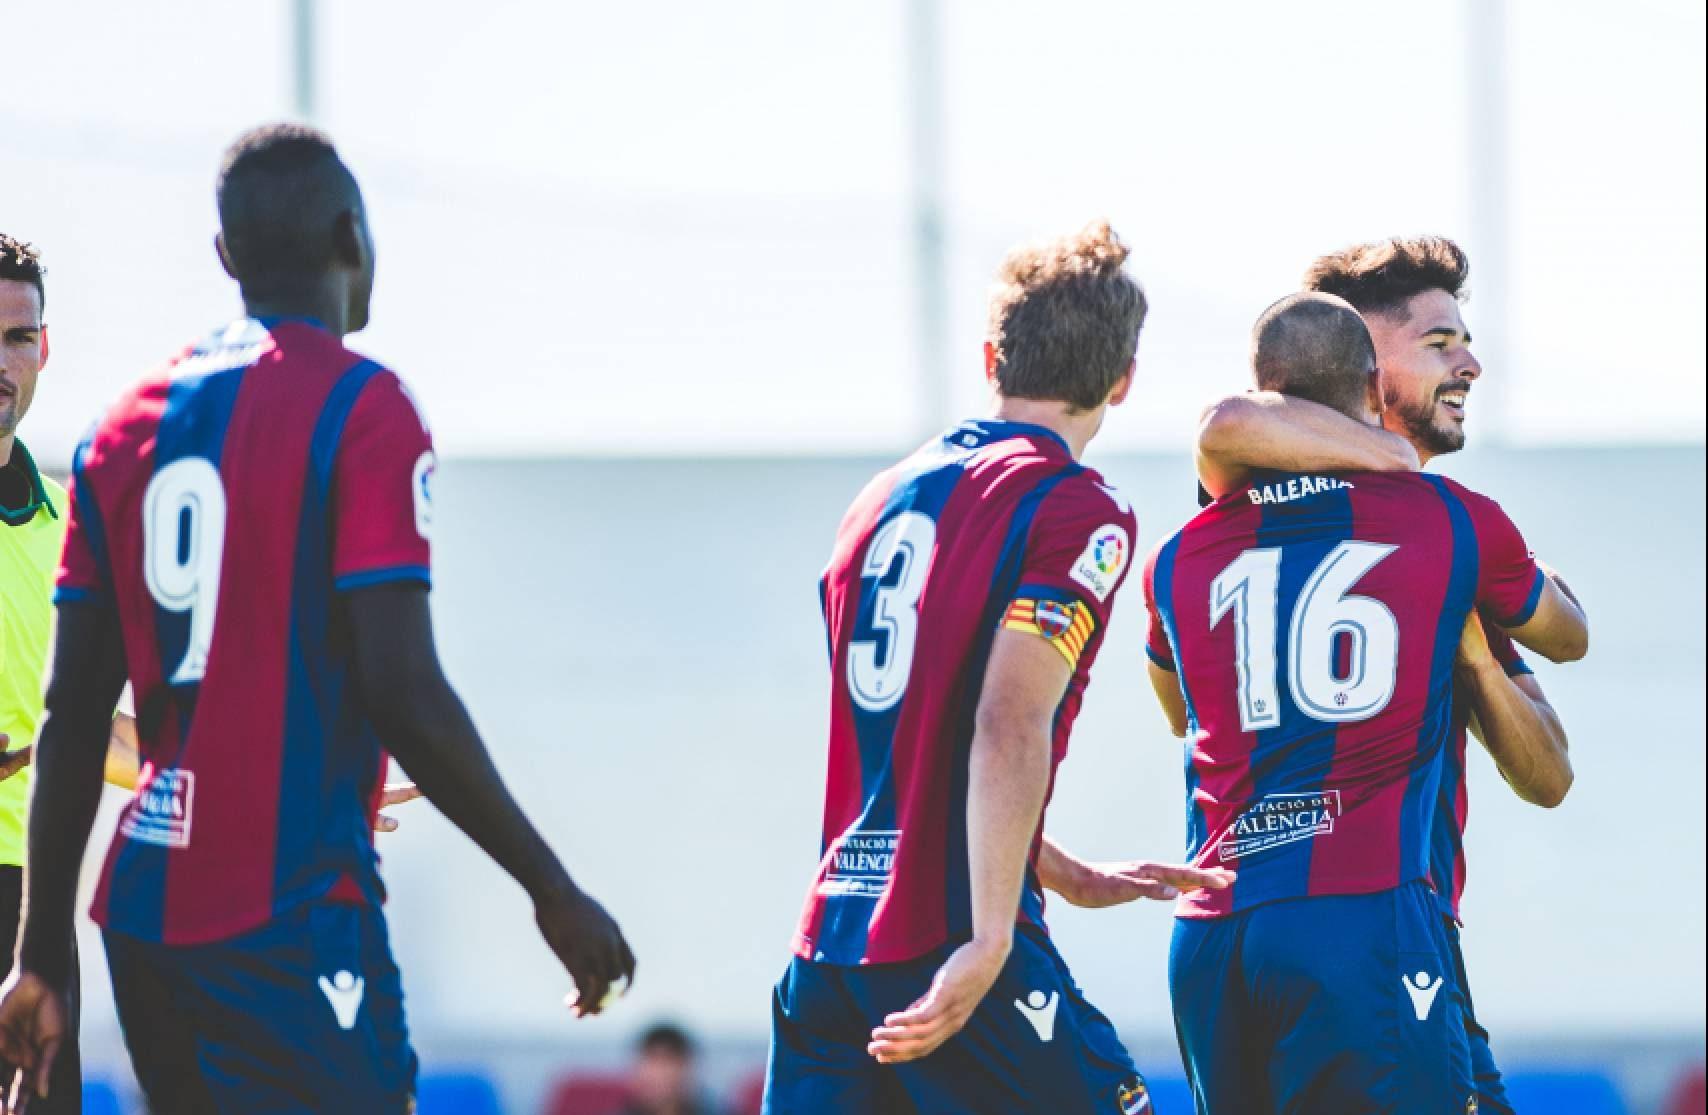 El Levante acaba con dos de los equipos invictos en España en una semana